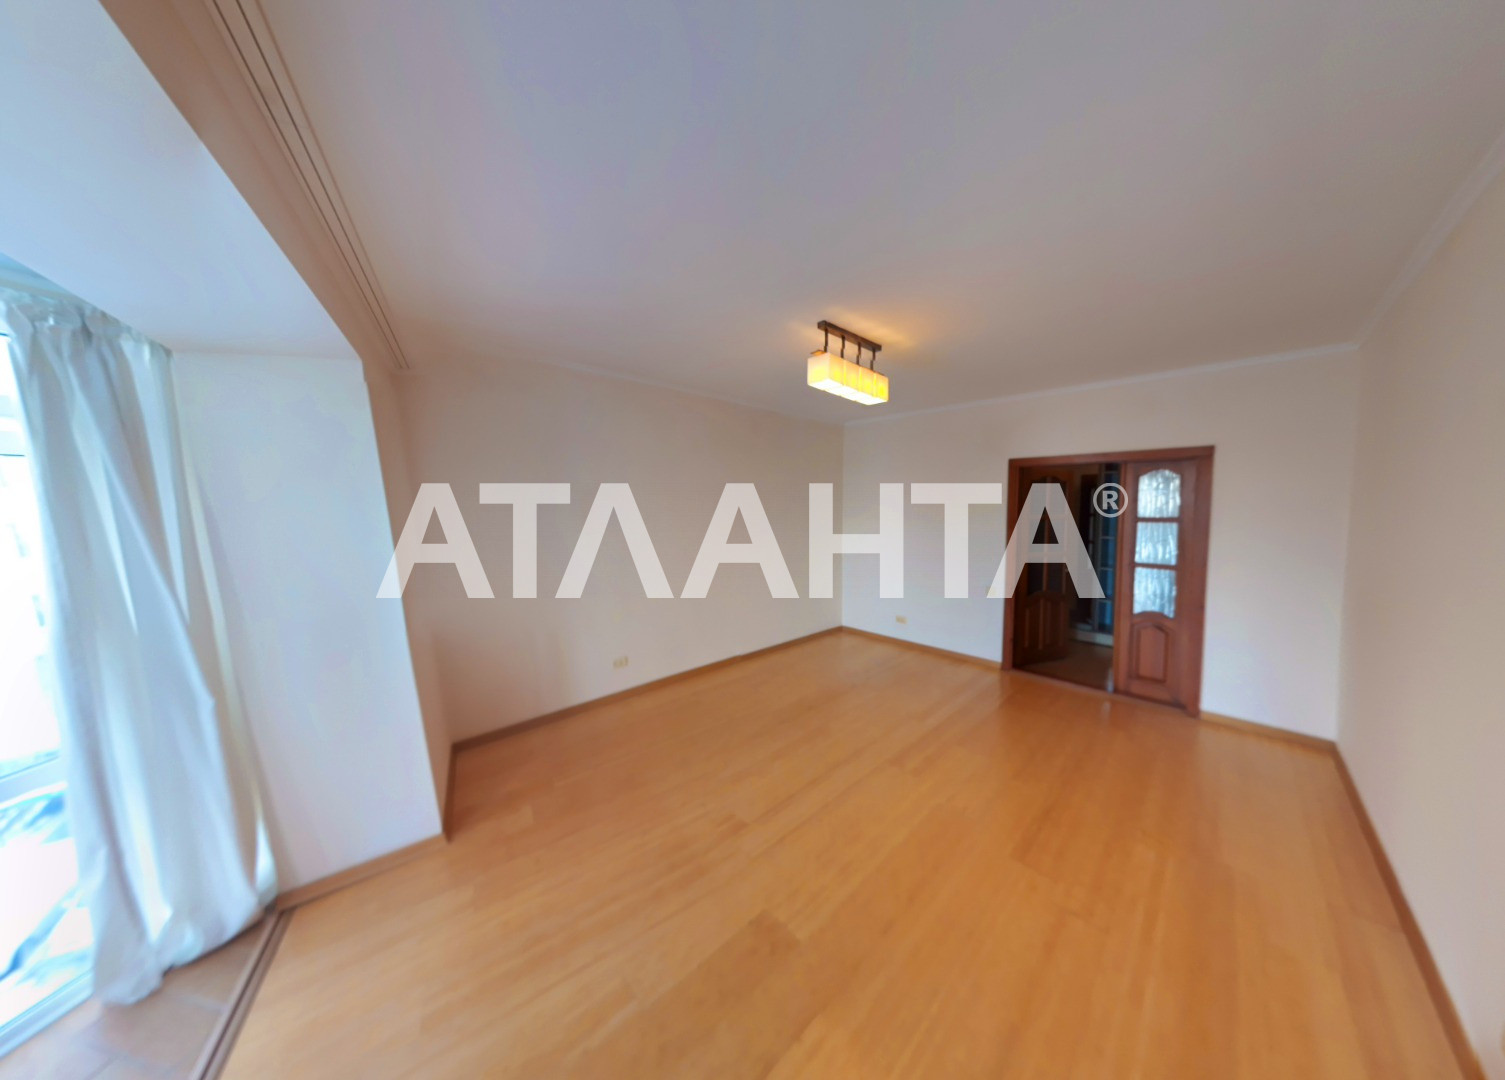 Продается 3-комнатная Квартира на ул. Конева — 118 000 у.е. (фото №4)